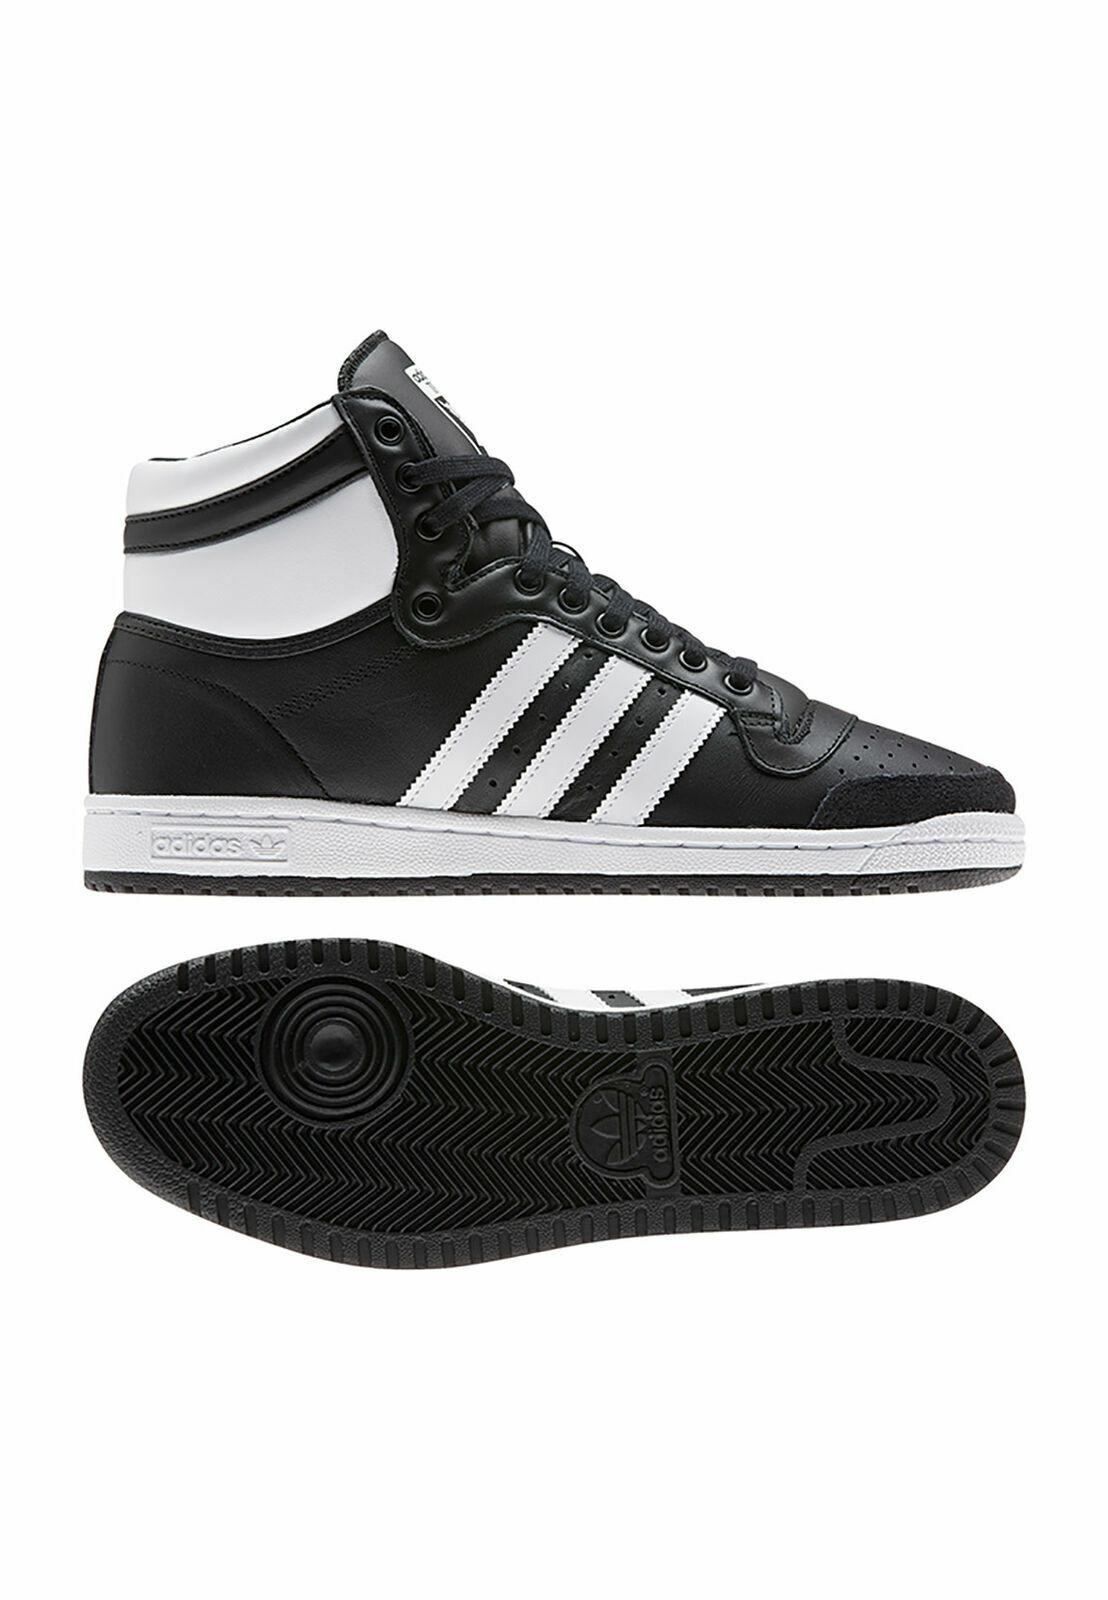 NEW adidas Originals TOP TEN HI EF6365 Black//Red Mens Shoes c1 a1